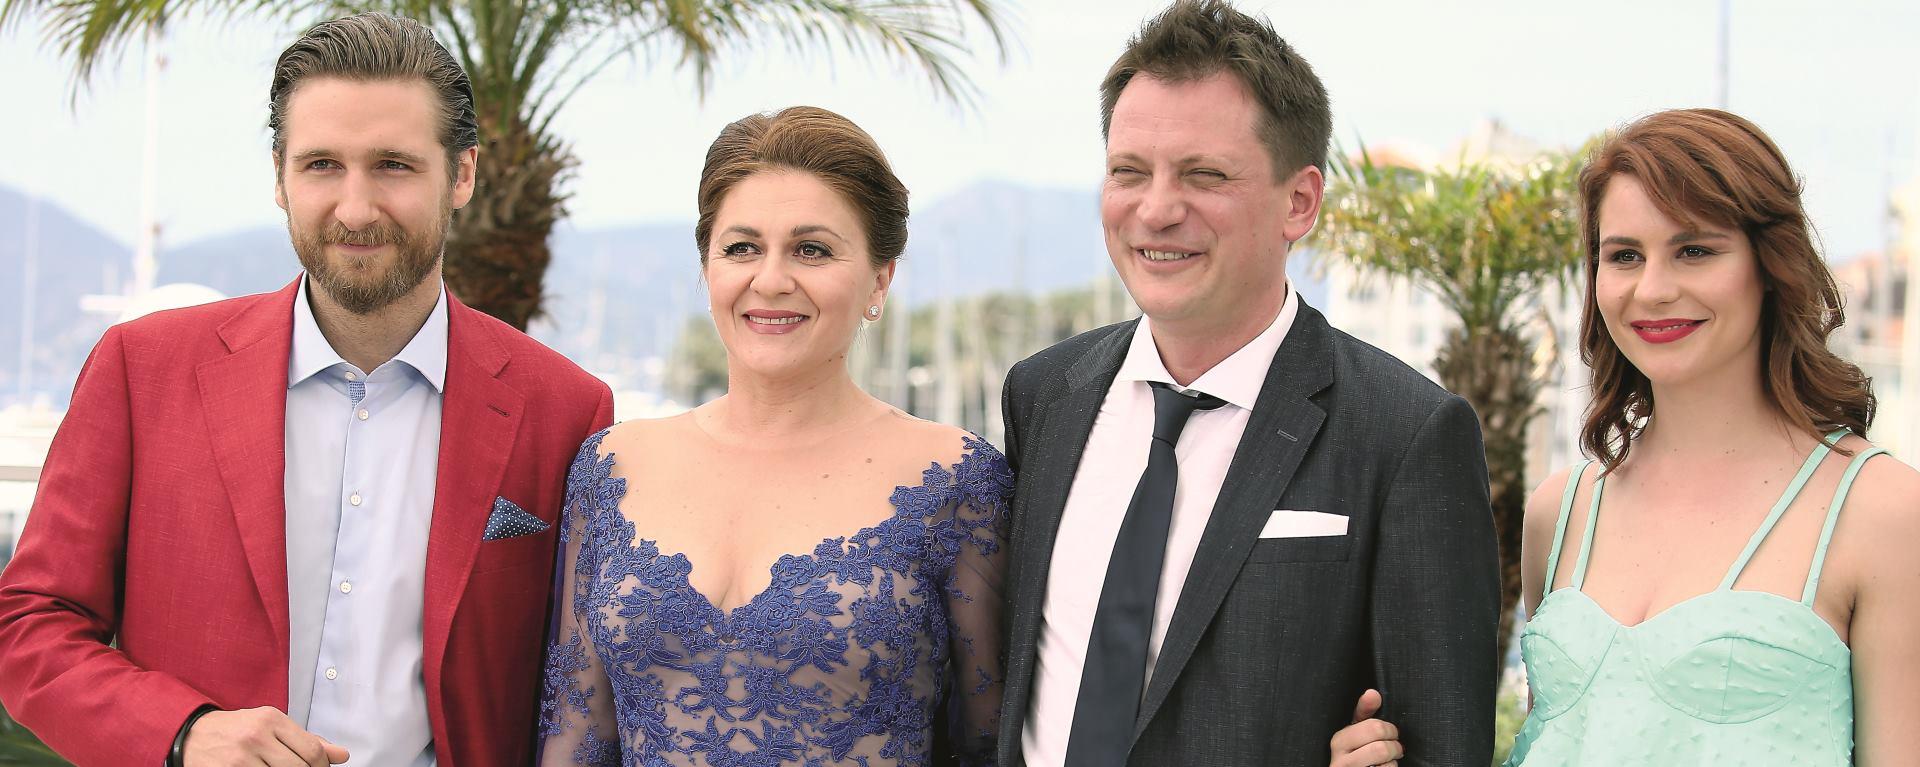 EKSKLUZIVNO IZ CANNESA Nakon razuzdanih noći u Cannesu, Matanić i 'Zvizdan' na putu prema svjetskom uspjehu